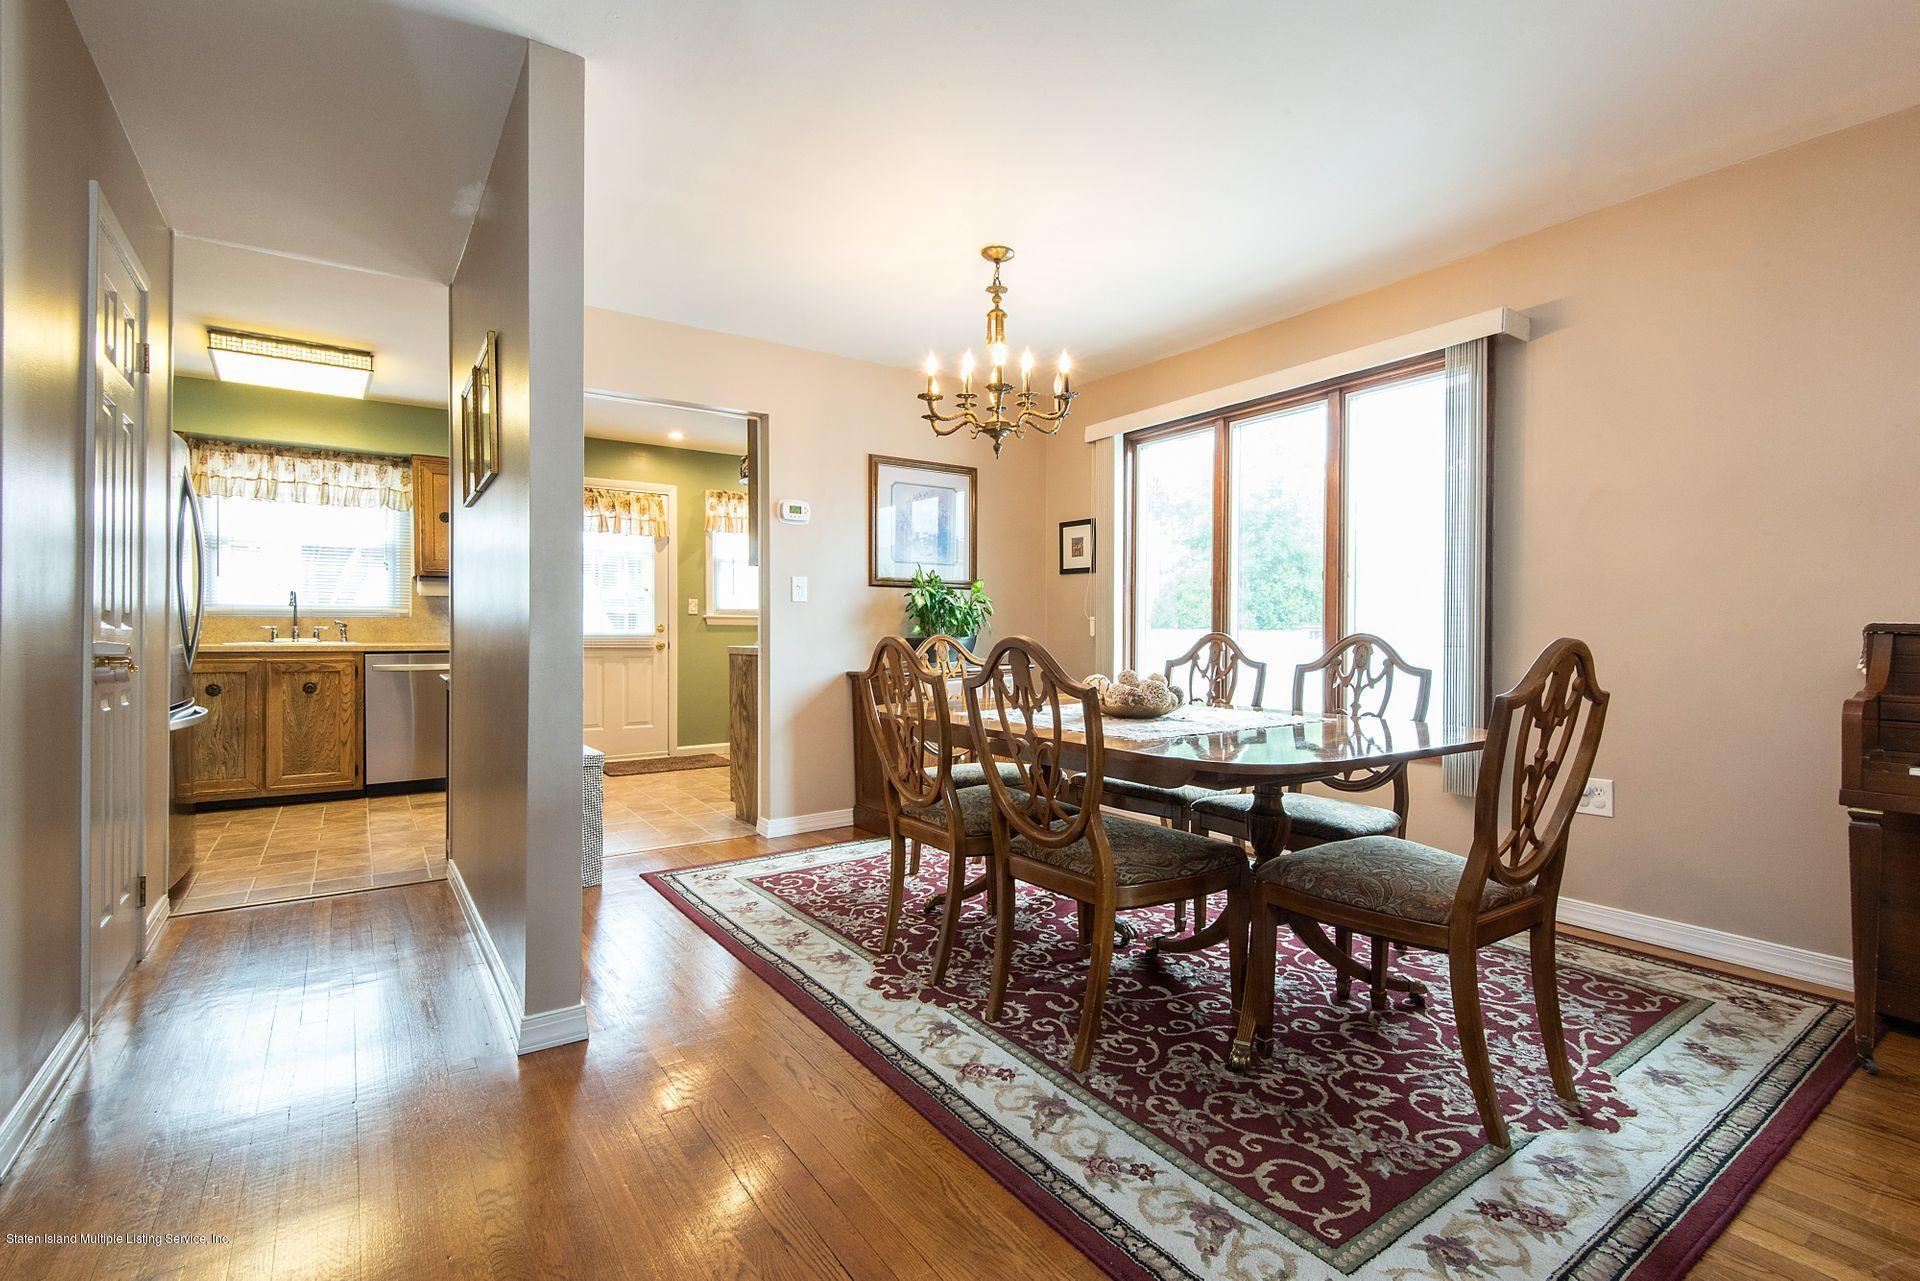 Single Family - Semi-Attached 69 Moffett Street  Staten Island, NY 10312, MLS-1131934-3